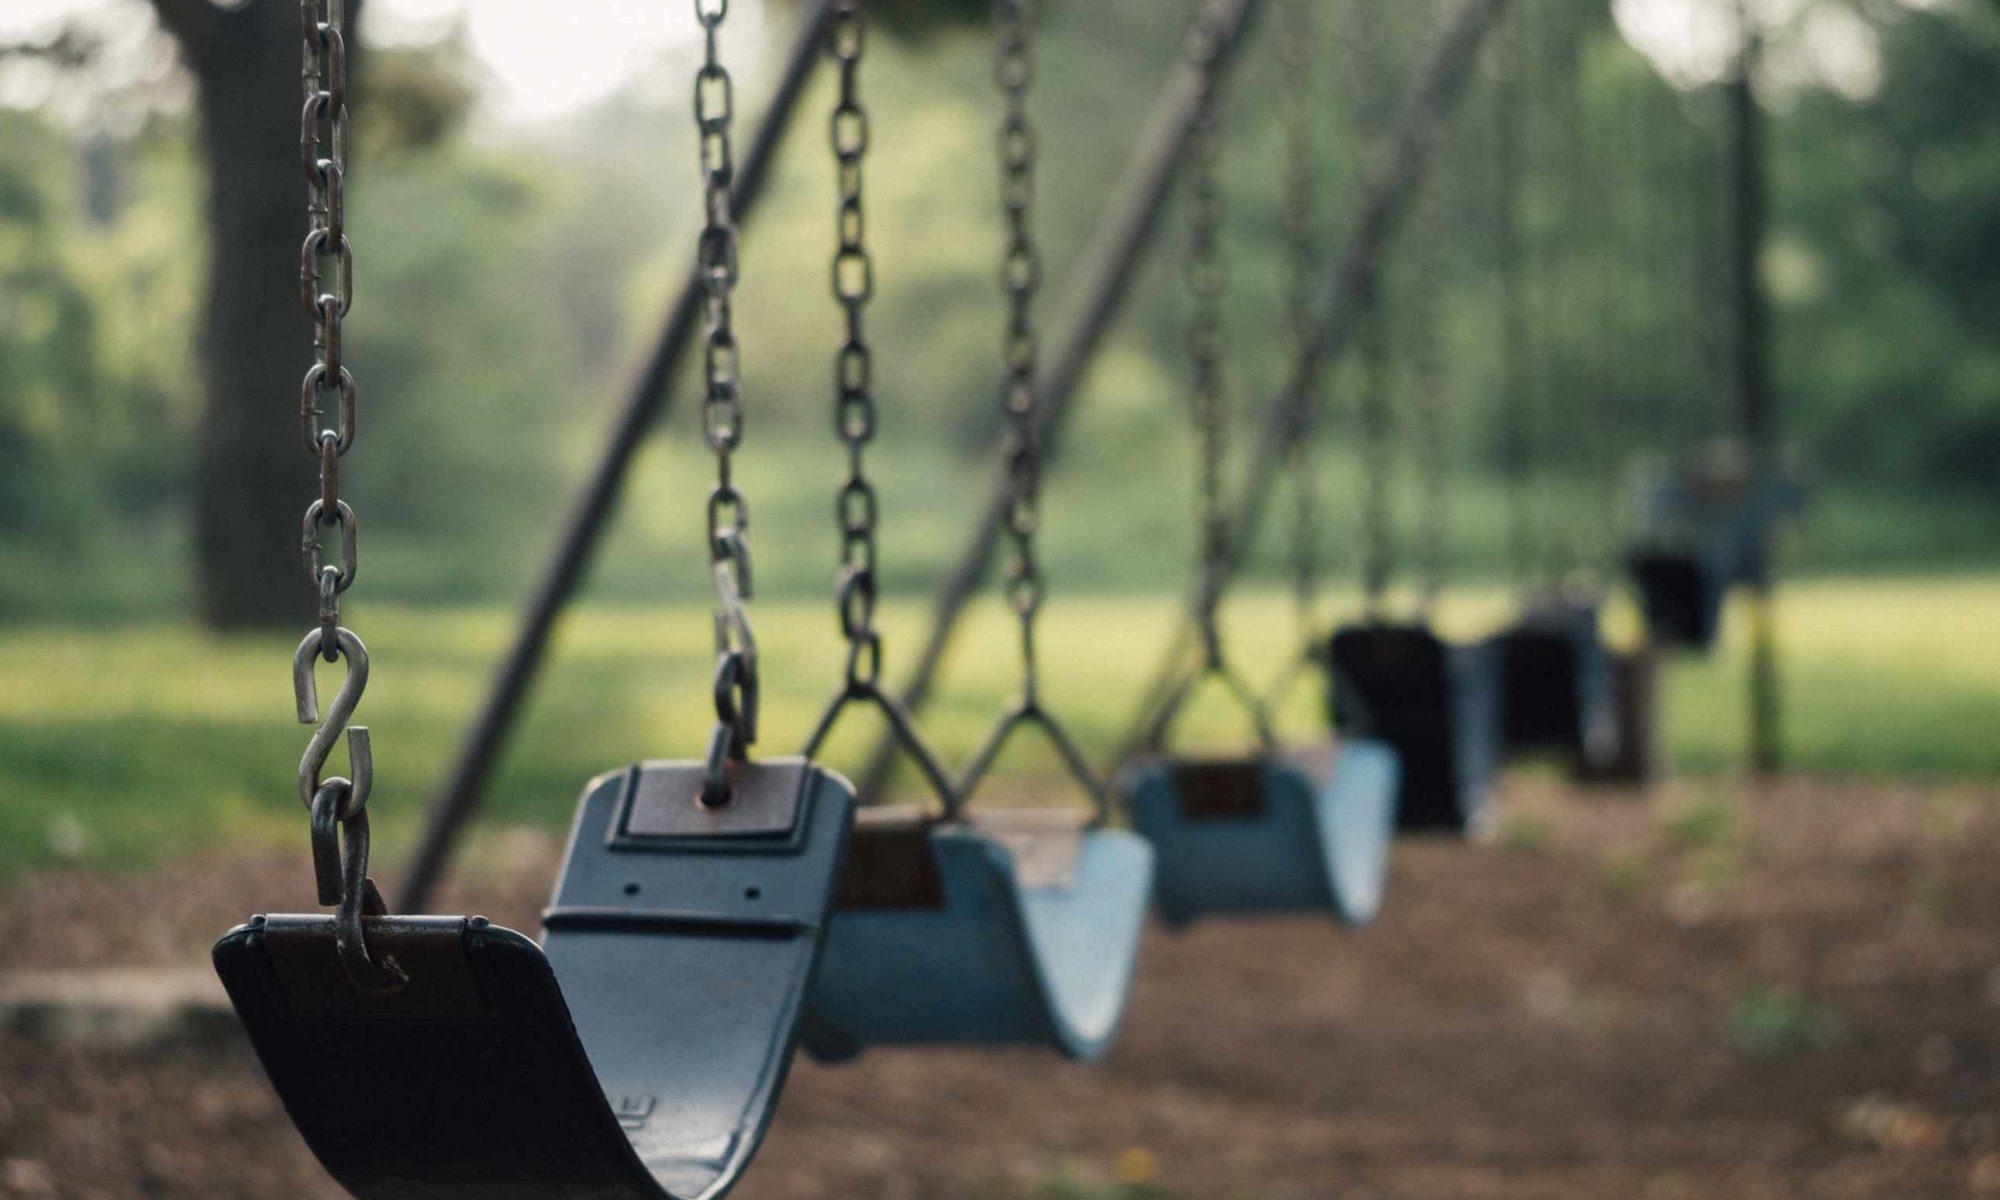 #HauptstadtPapa - Kinder und das Corona-Virus. Gespeerte Parks und Spielplätze. (Bild: Pixabay/Free-Photos)